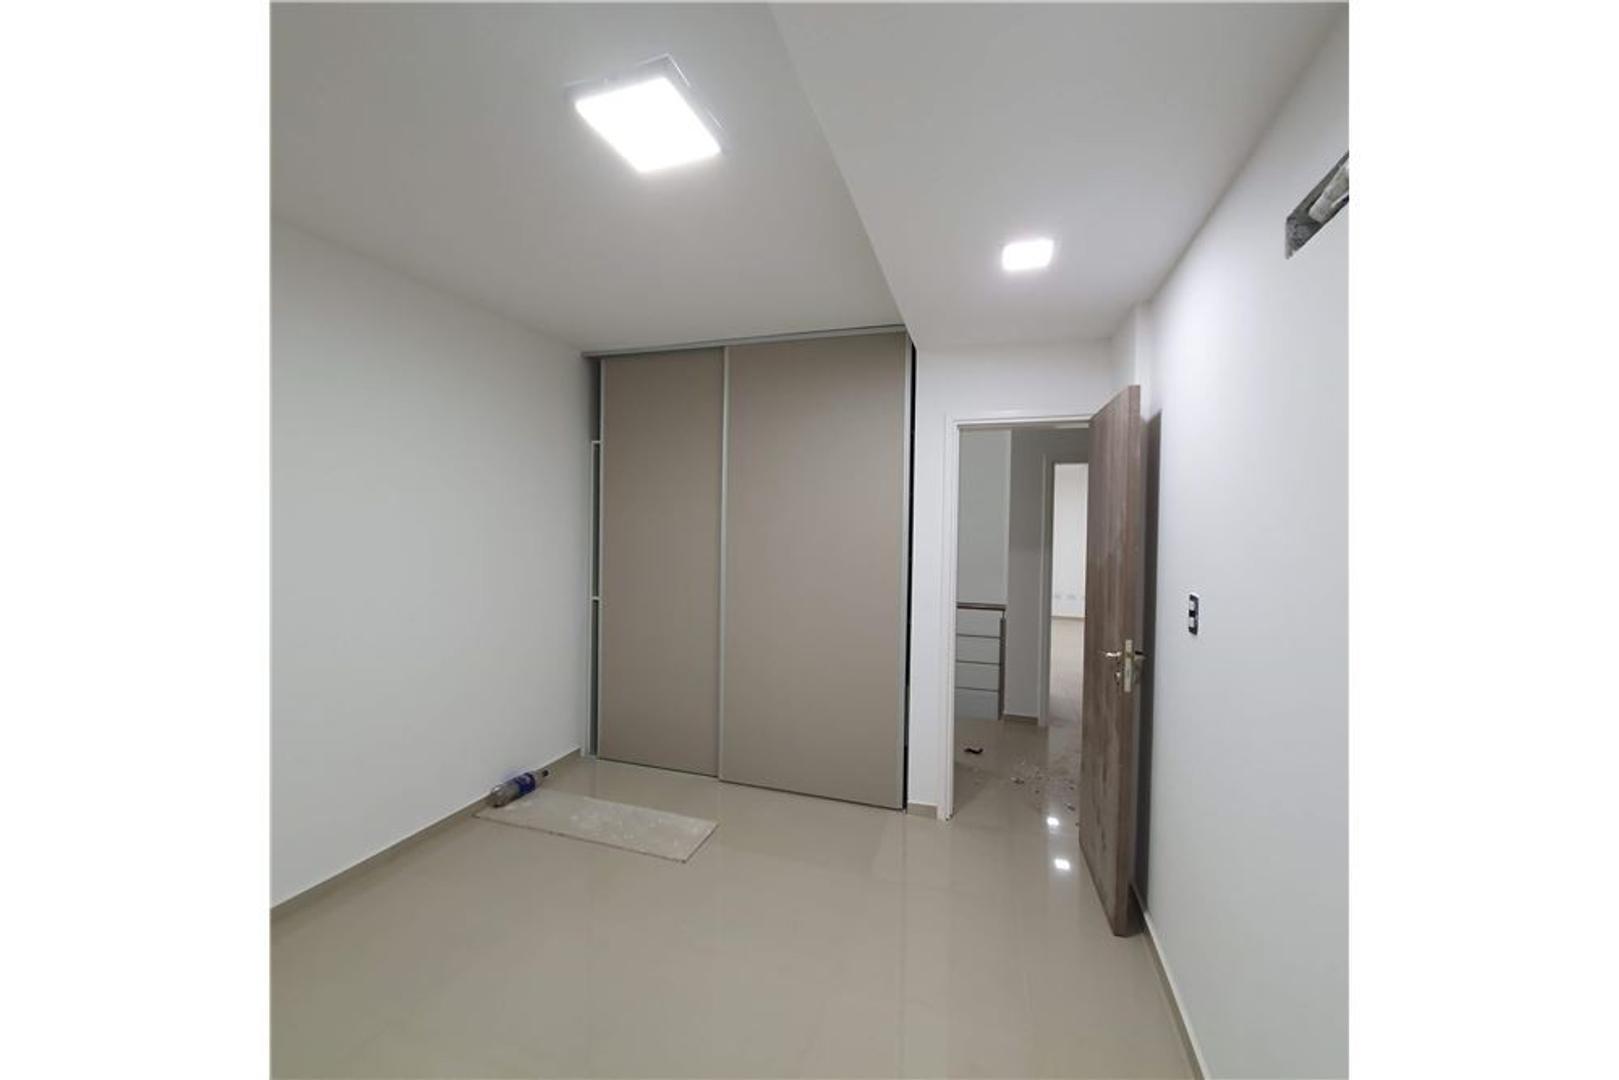 Casa - 180 m²   3 dormitorios   A Estrenar